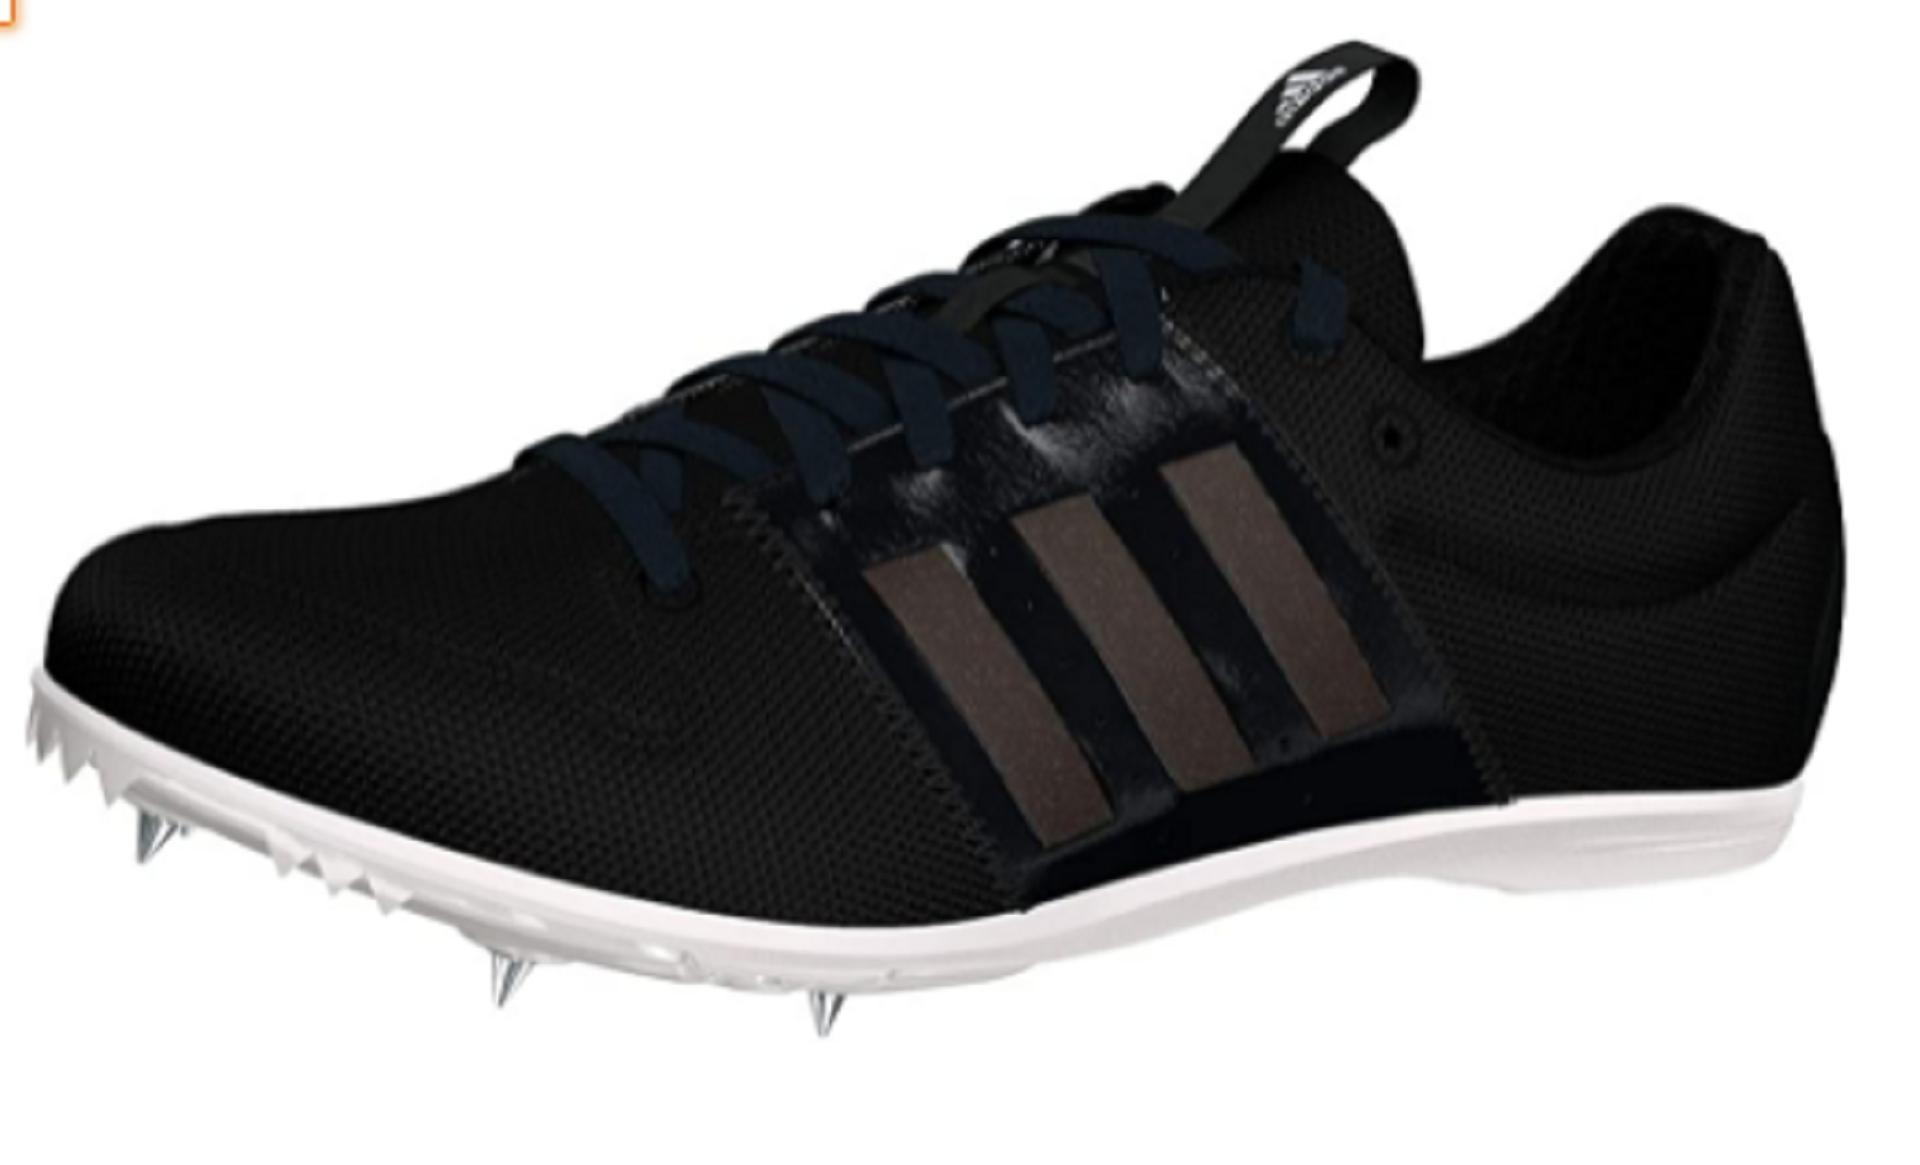 adidas allroundstar running spikes